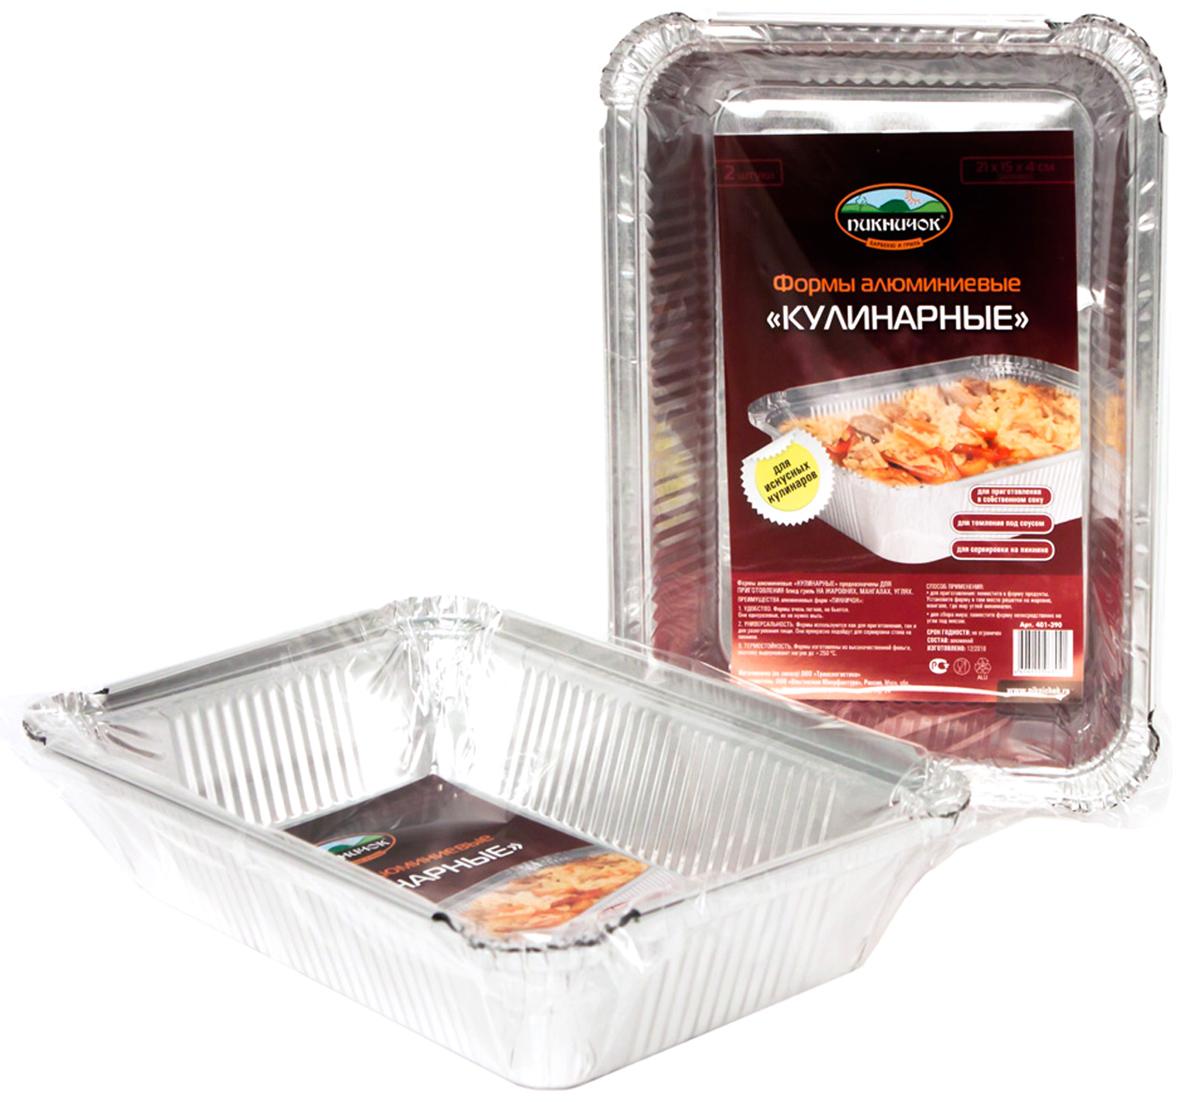 Форма для запекания Пикничок Кулинарные, 21 х 14 х 3,8 см, 2 шт401-390Формы алюминиевые Пикничок Кулинарные являются альтернативой одноразовой посуде на природе. Они многофункциональны и удобны в применении, а так же сохраняют свежесть приготовленных блюд.